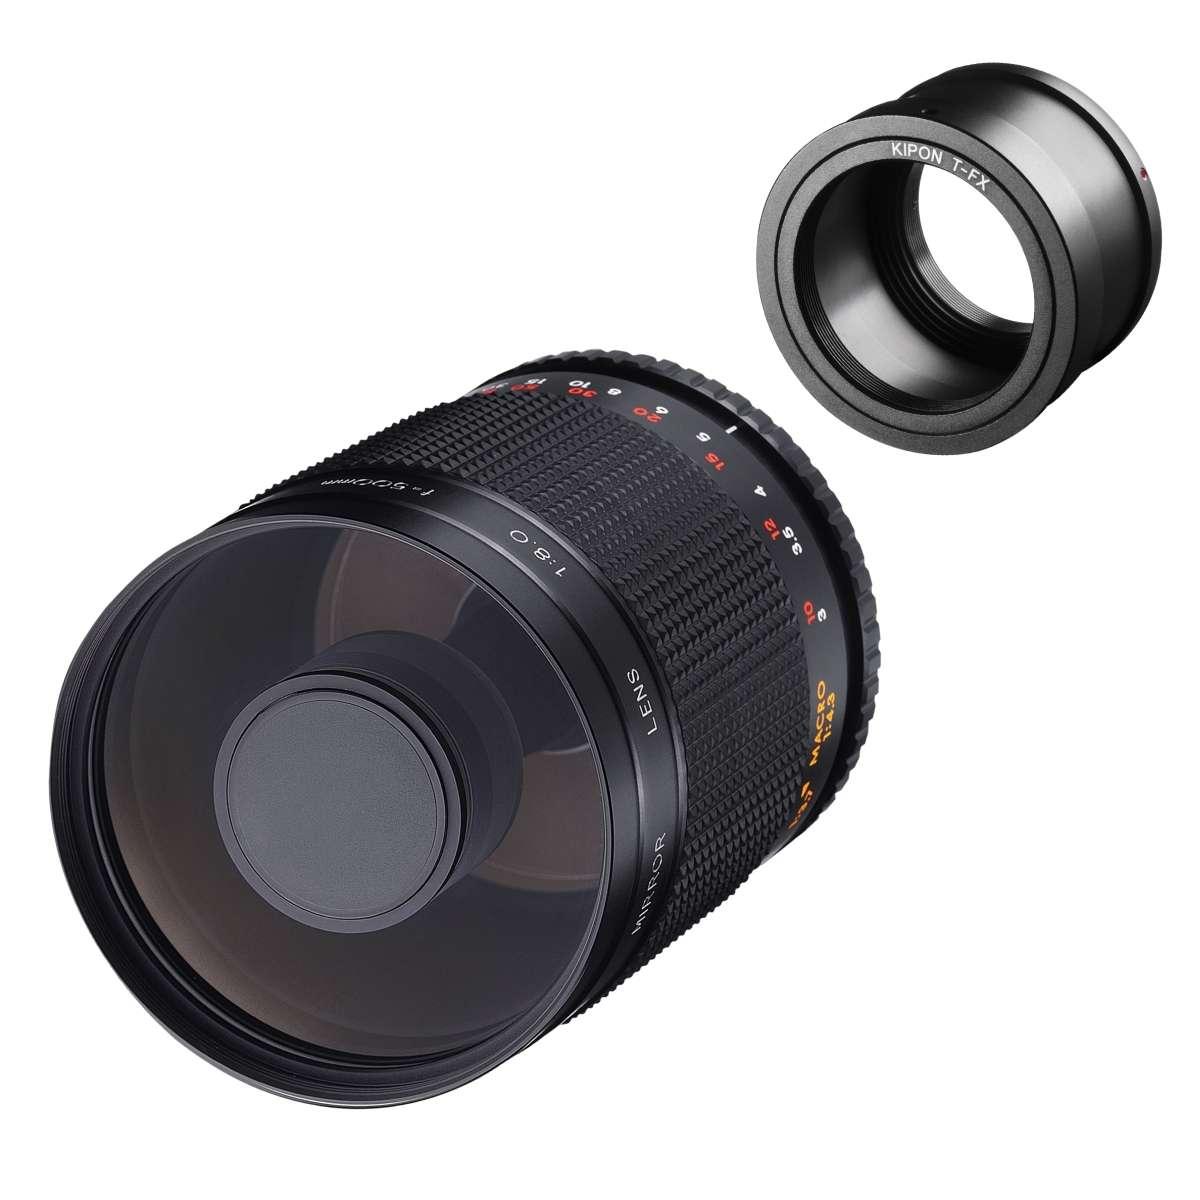 Walimex pro 800//8,0 DSLR Spiegel C-Mount